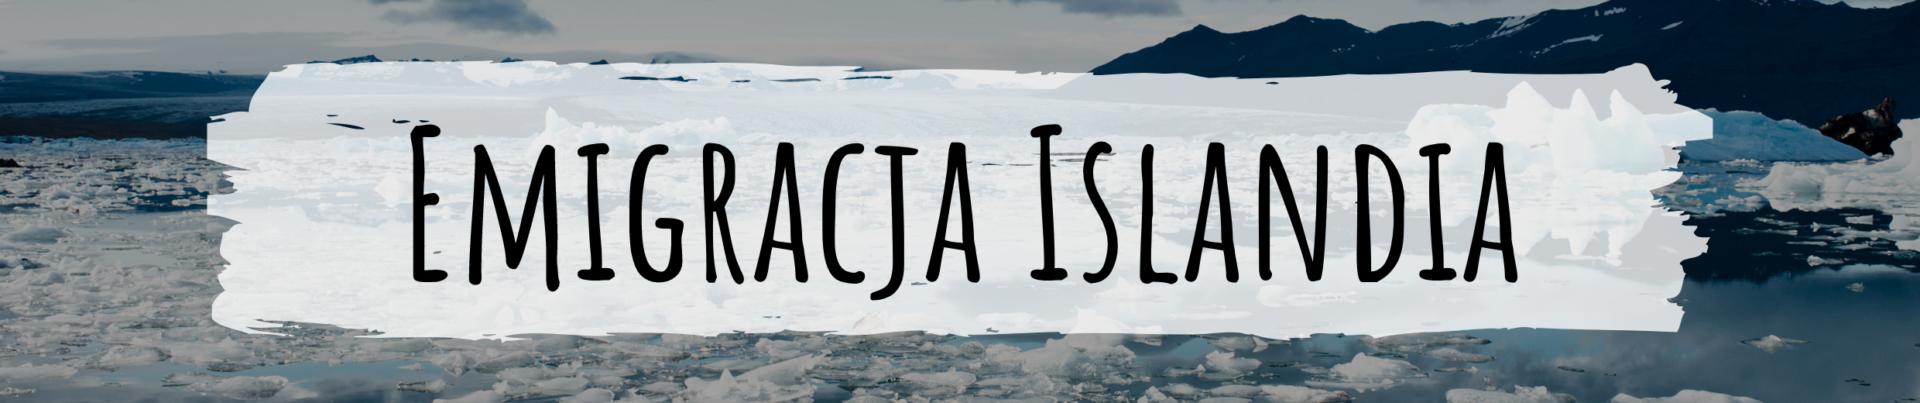 EMIGRACJA I ŻYCIE NA ISLANDII